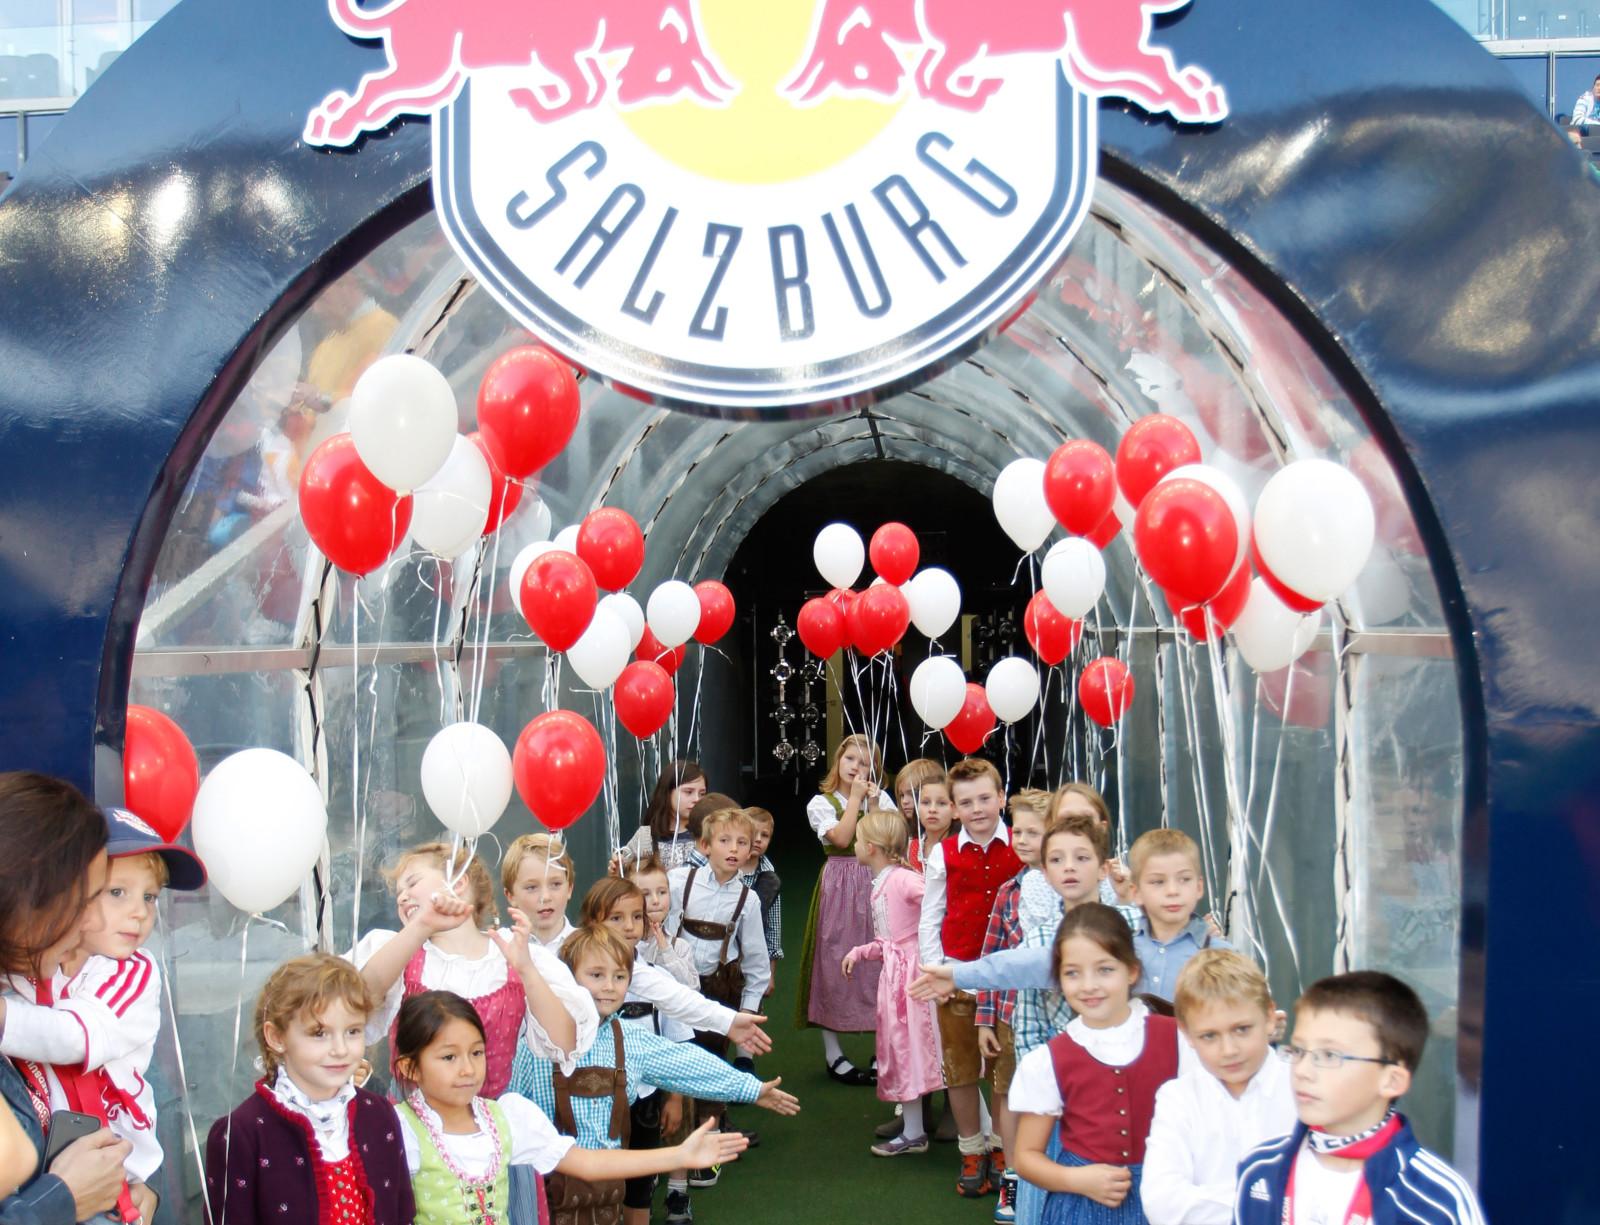 Auch für die Kinder ist das Bauernherbst-Fußballspiel ein Event, an das sie sich lange erinnern werden.